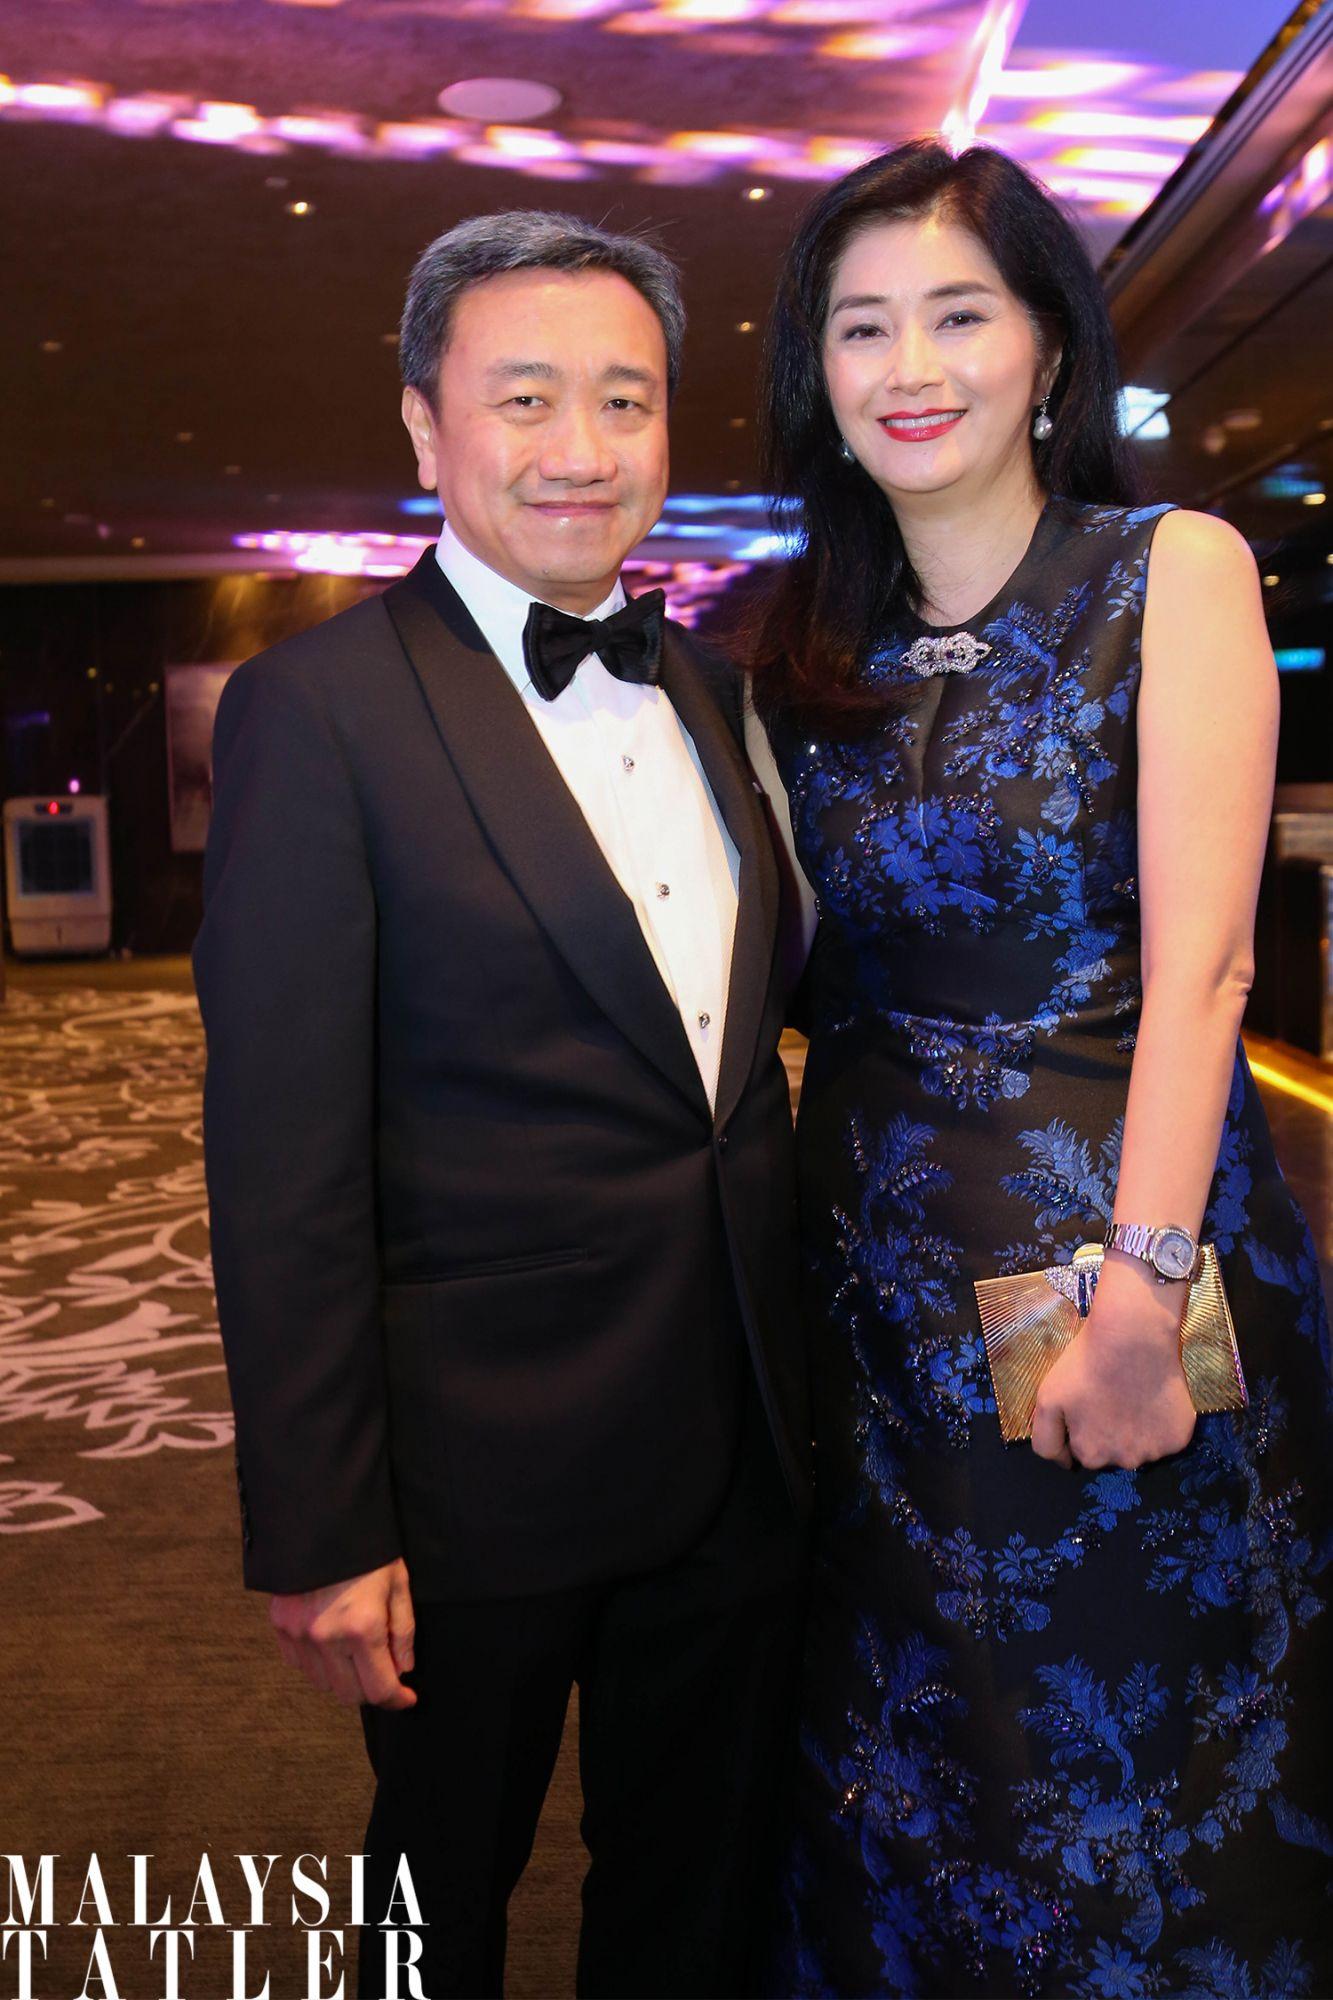 Datuk Alfred Cheng and Datin Rita Cheng